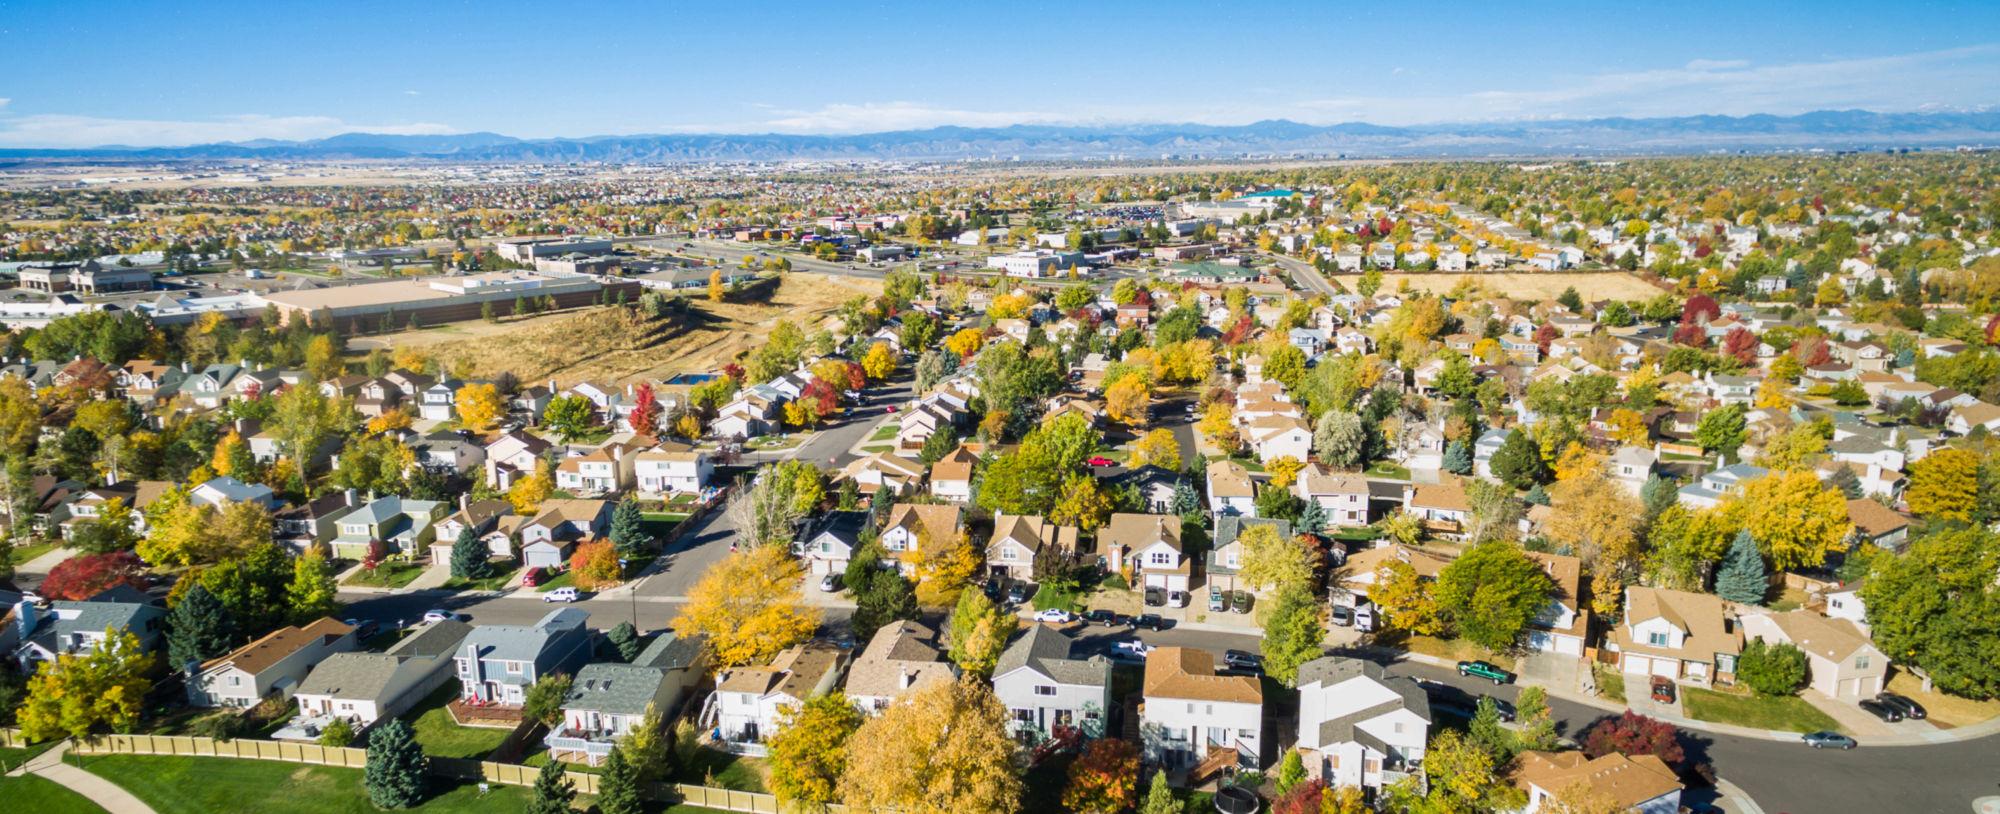 Home Security in Aurora, Colorado